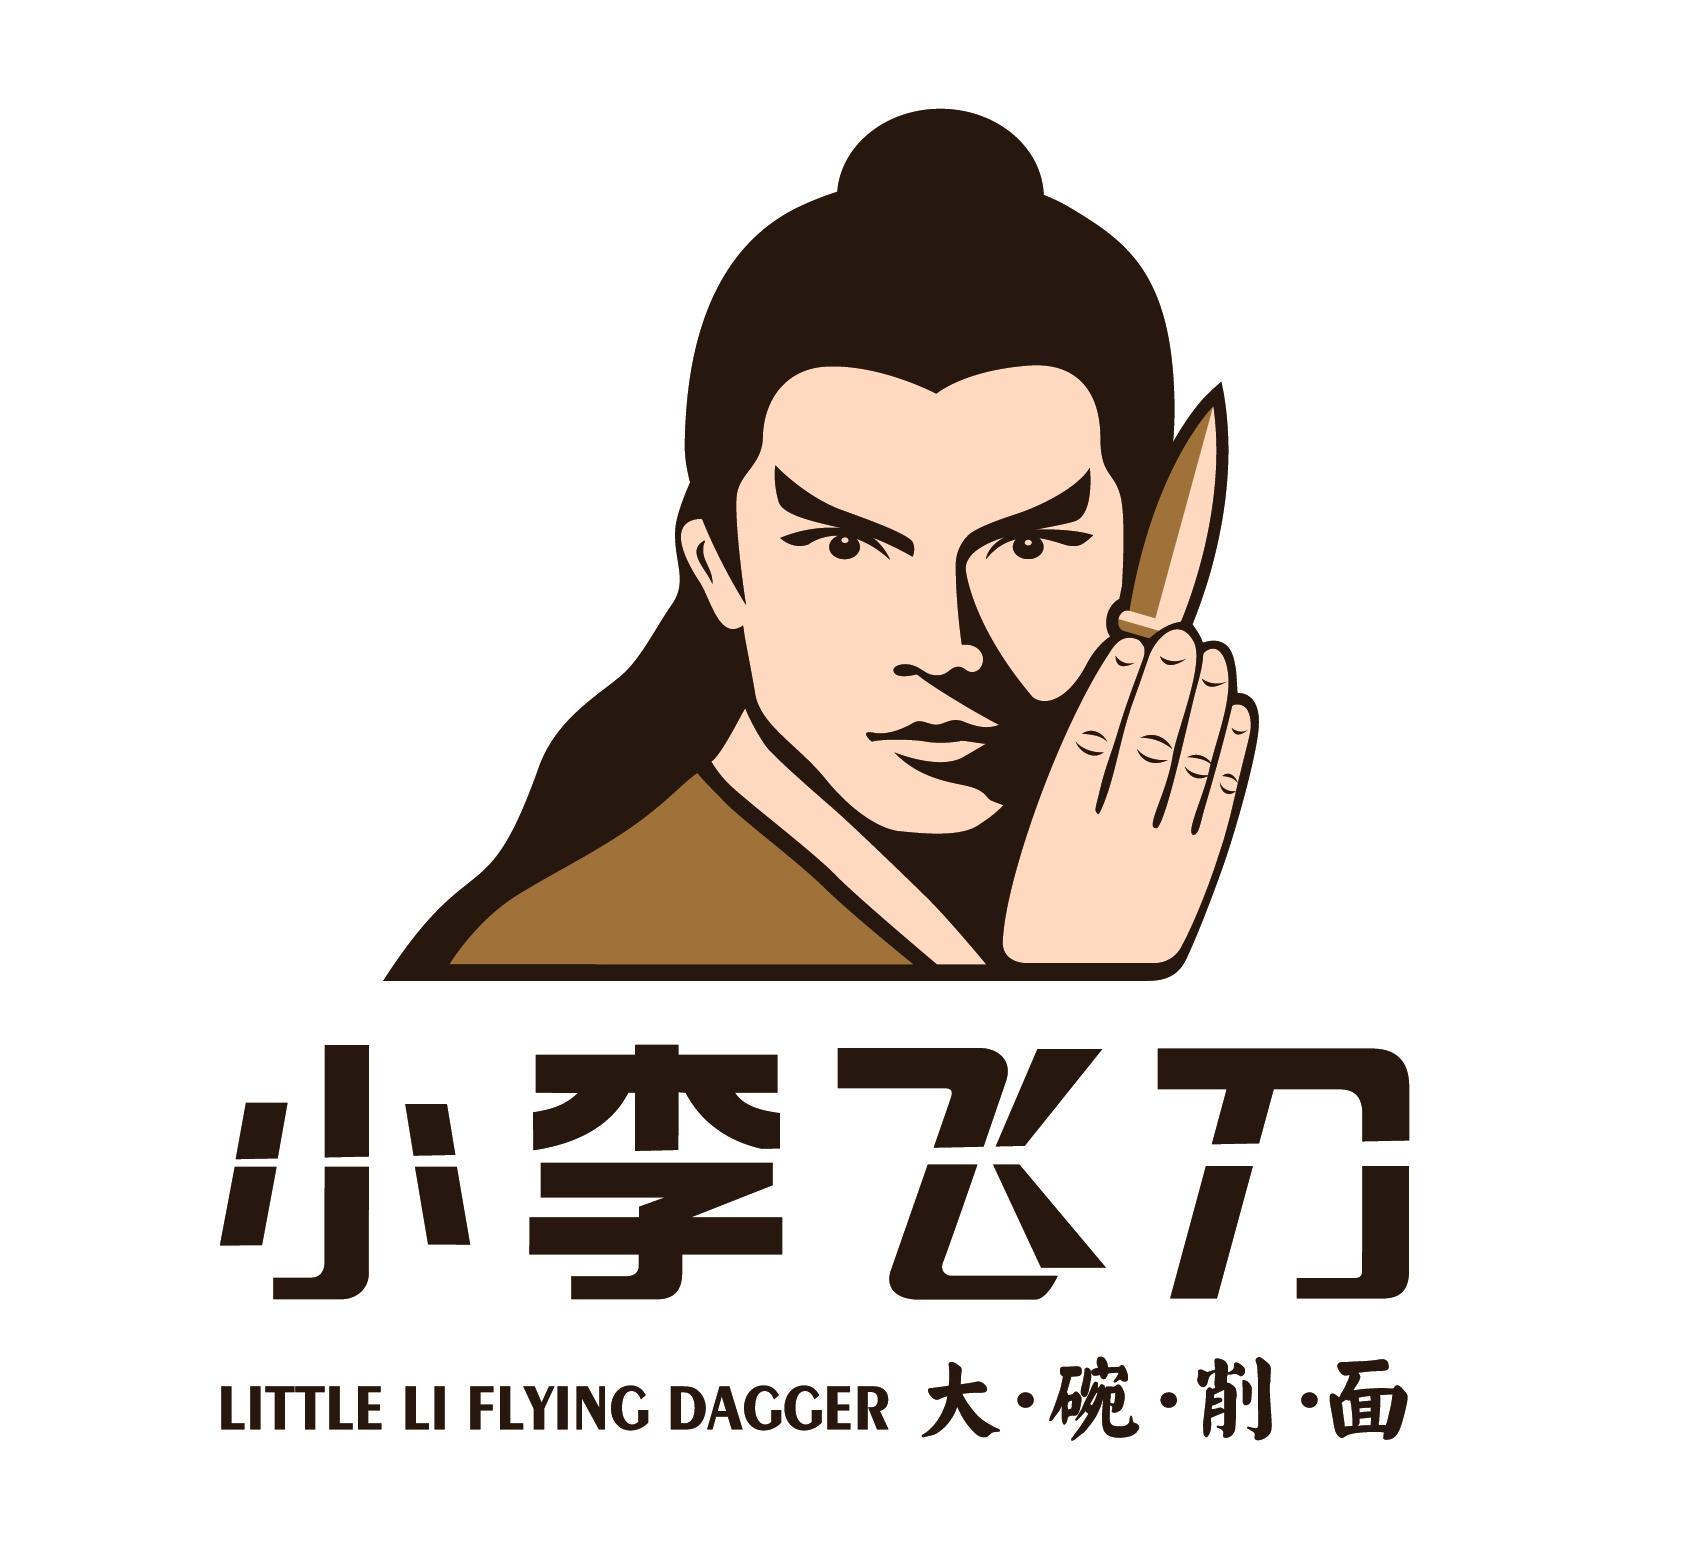 小李飞刀刀削面